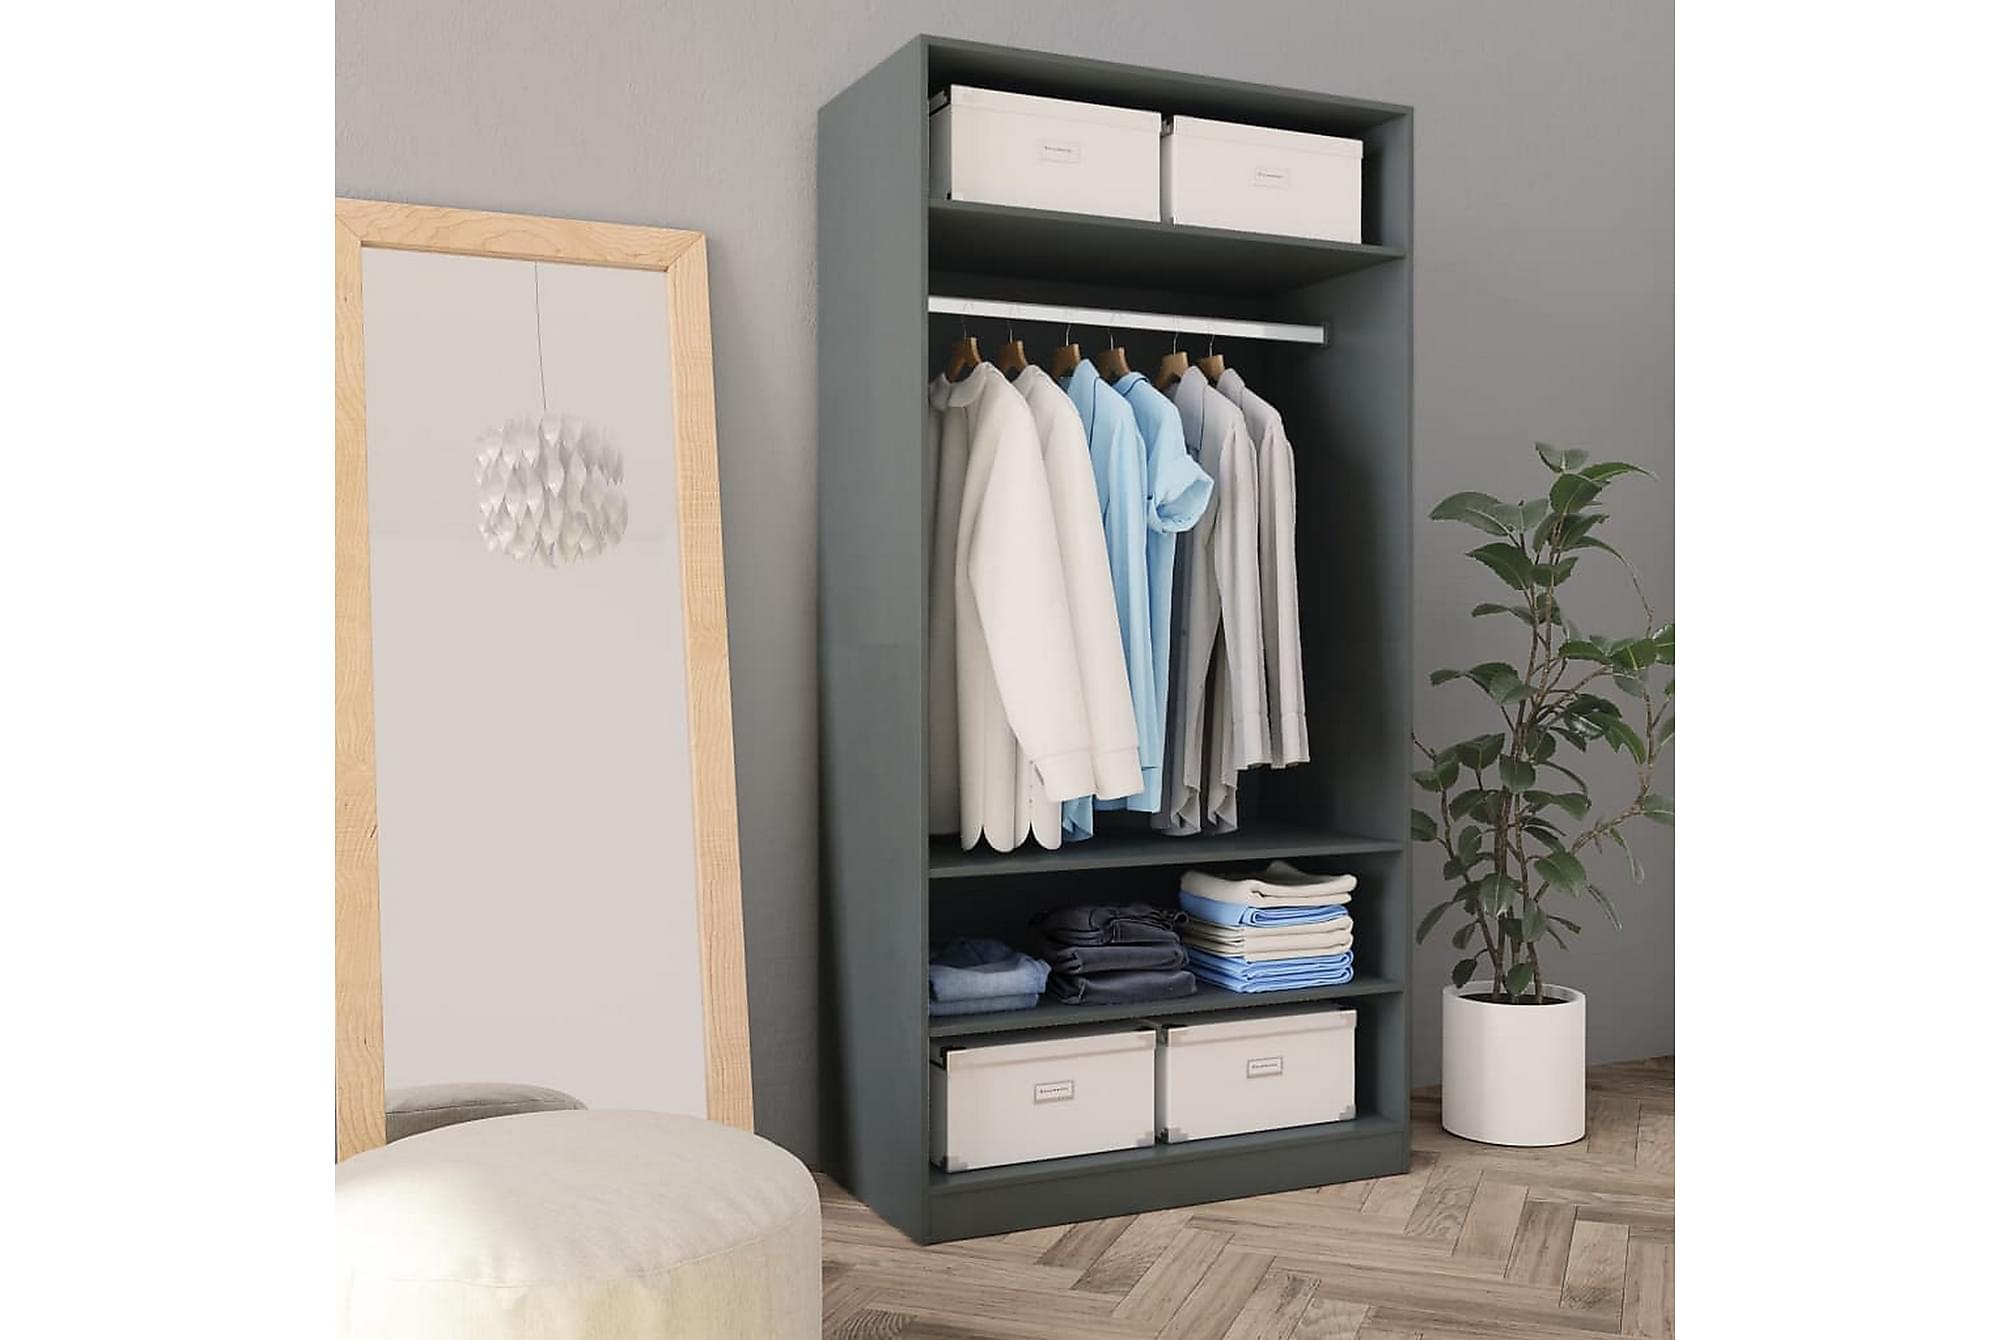 Garderob grå 100x50x200 cm spånskiva